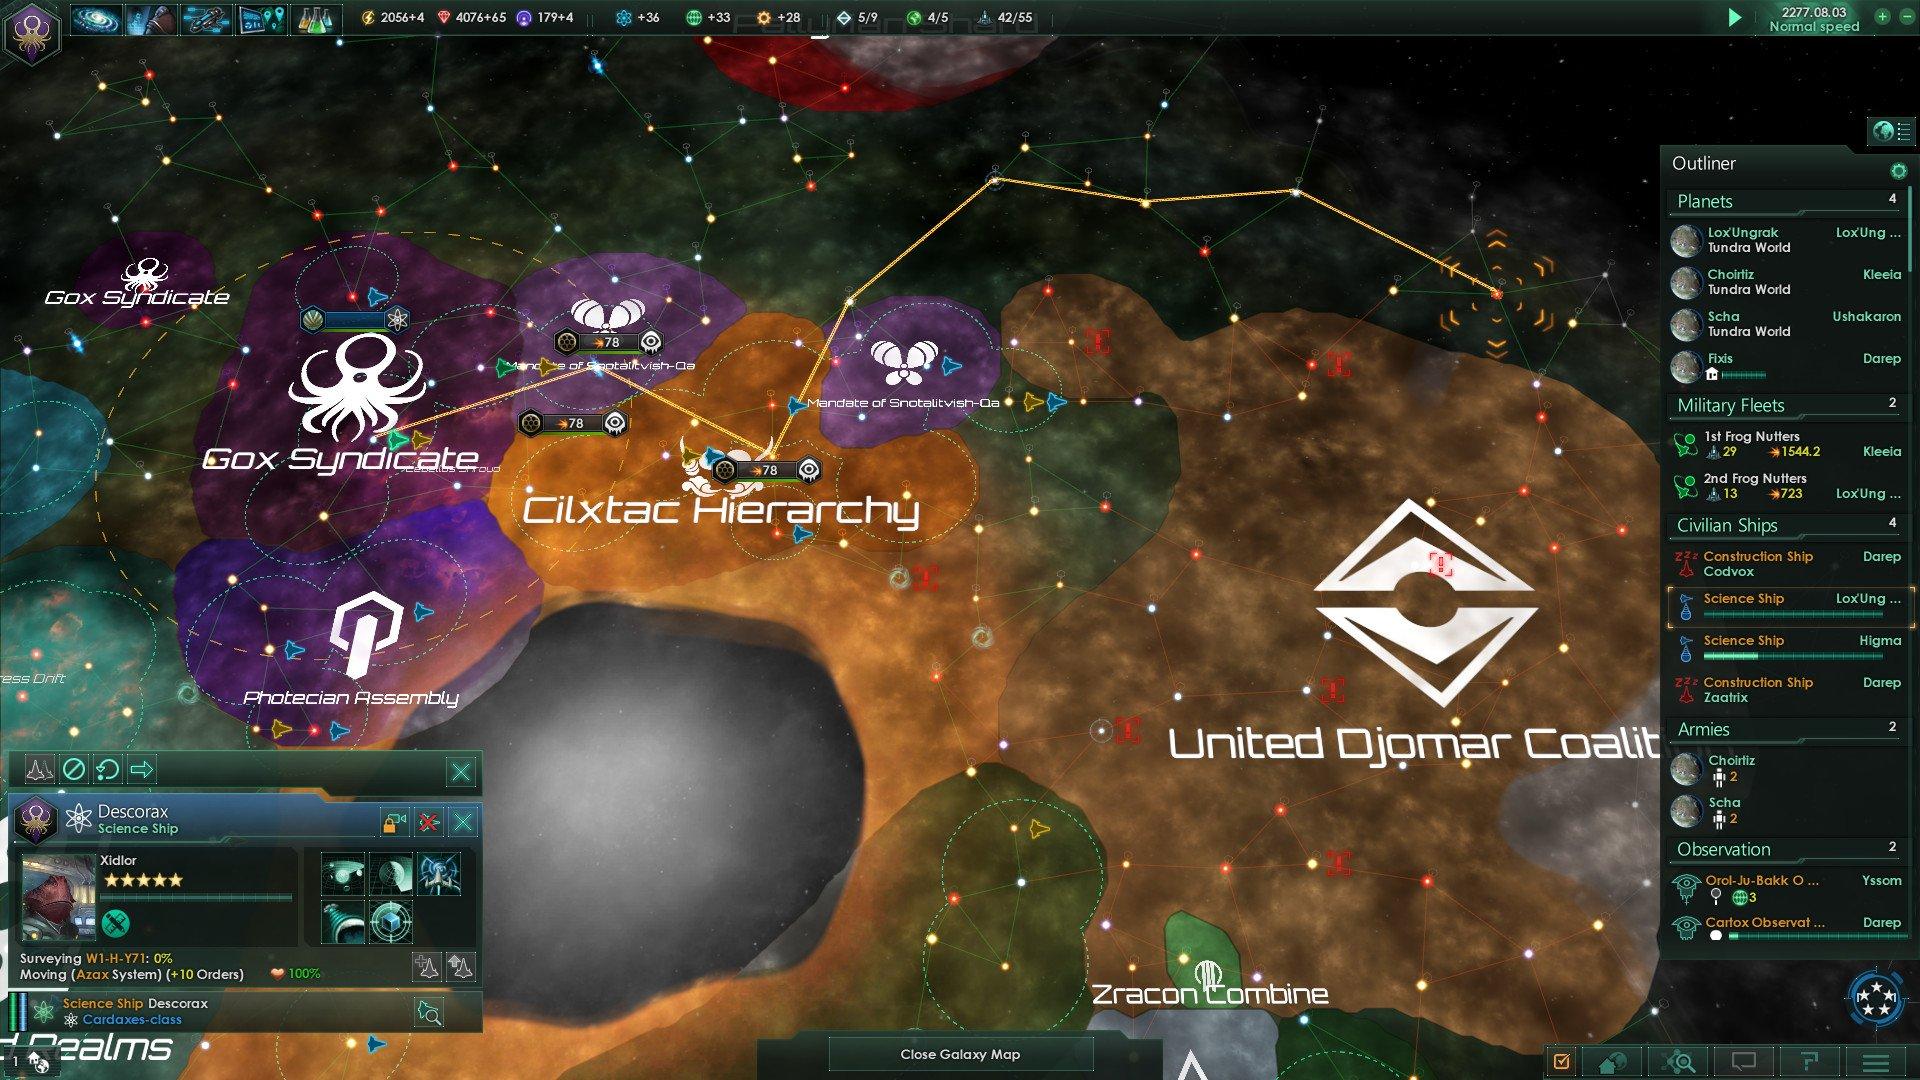 Stellaris Gets Game Changing Megacorp Expansion Soon